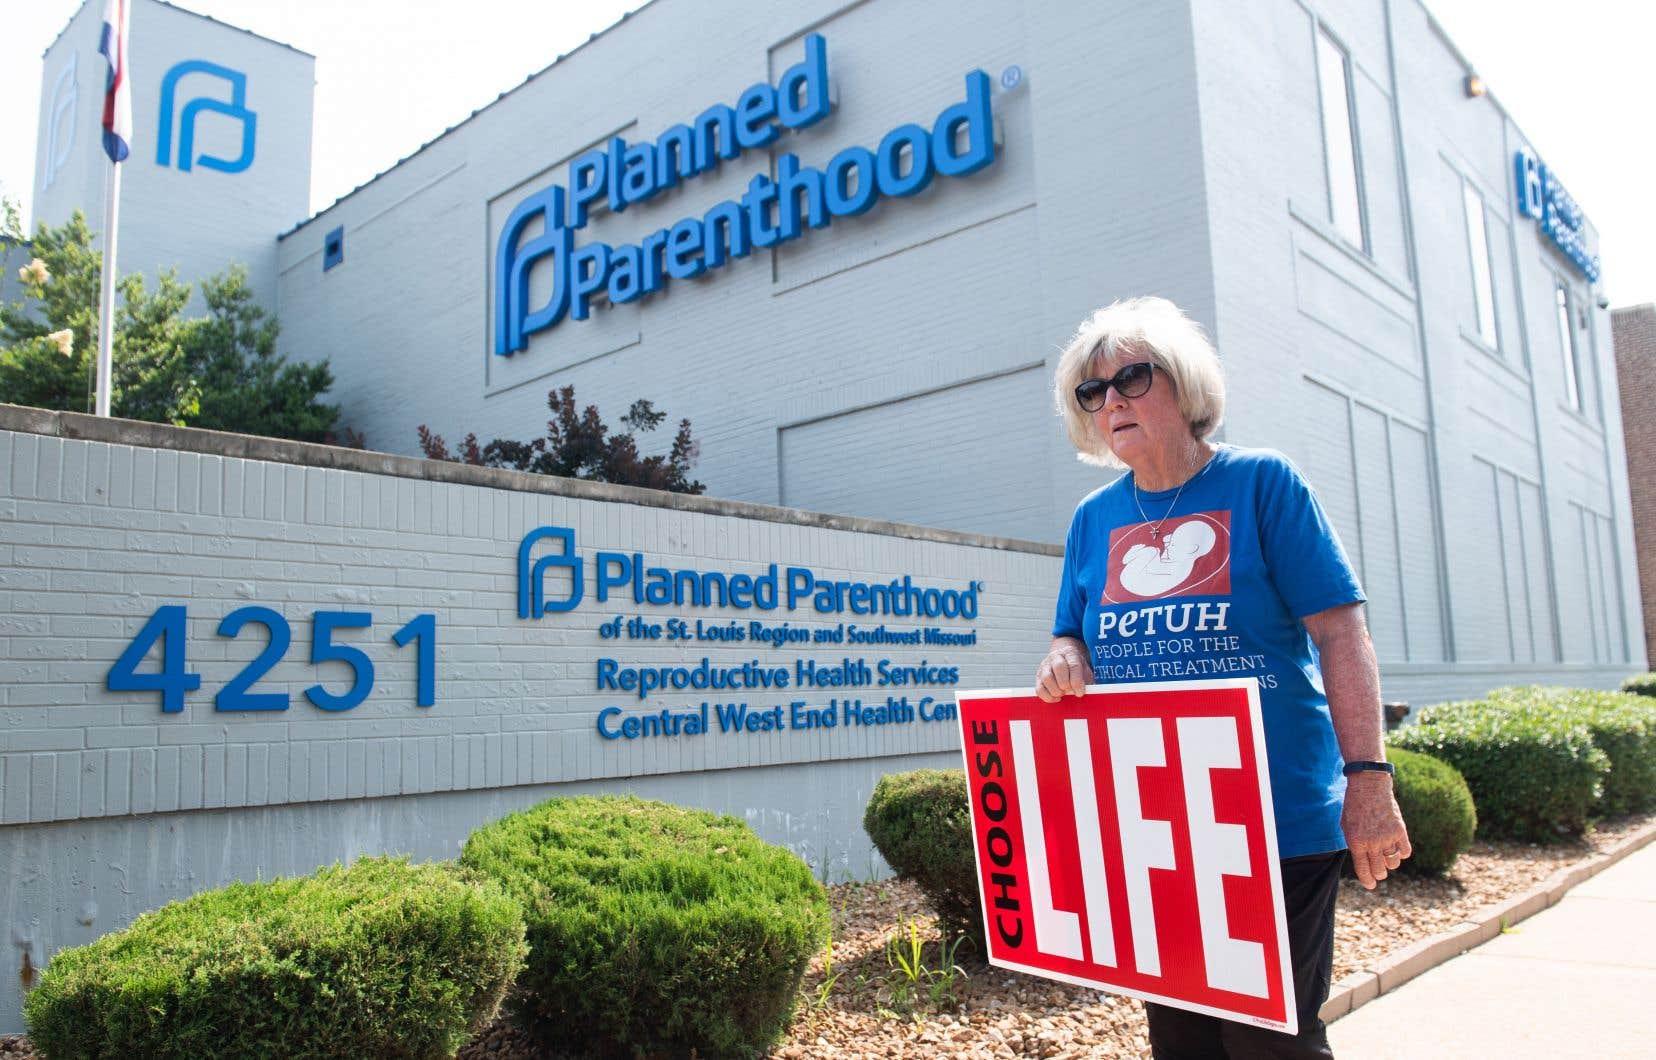 Une manifestante pro-vie proteste contre l'avortement devant les bureaux de Planned Parenthood, un organisme états-unien qui dispense une pluralité de services aux femmes.